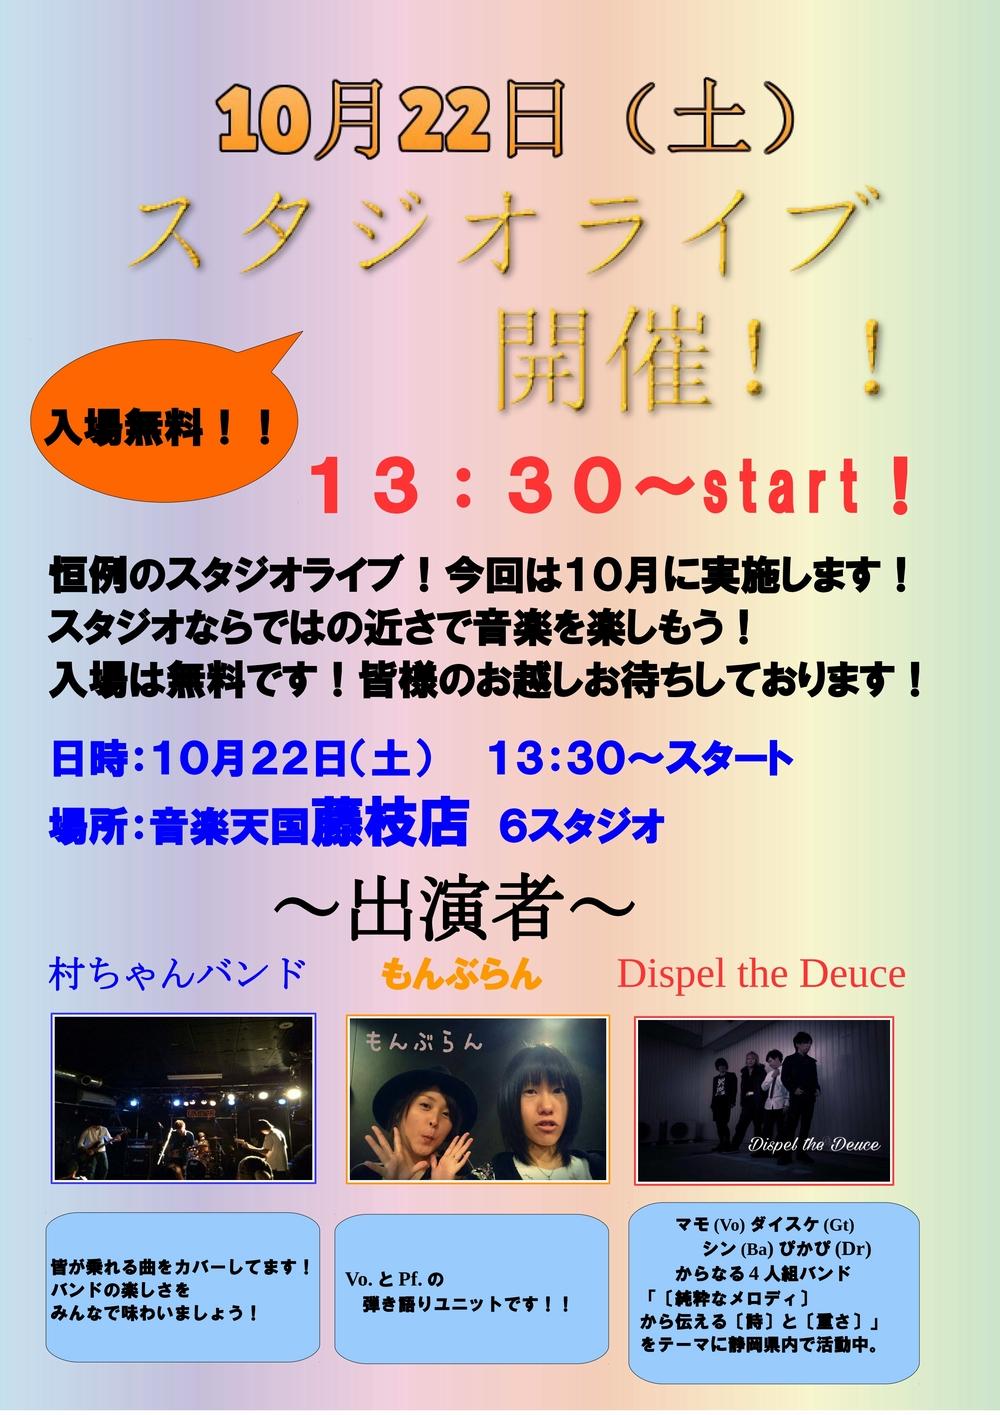 【スタジオライブ】音楽天国・藤枝店10月22日(土)開催!